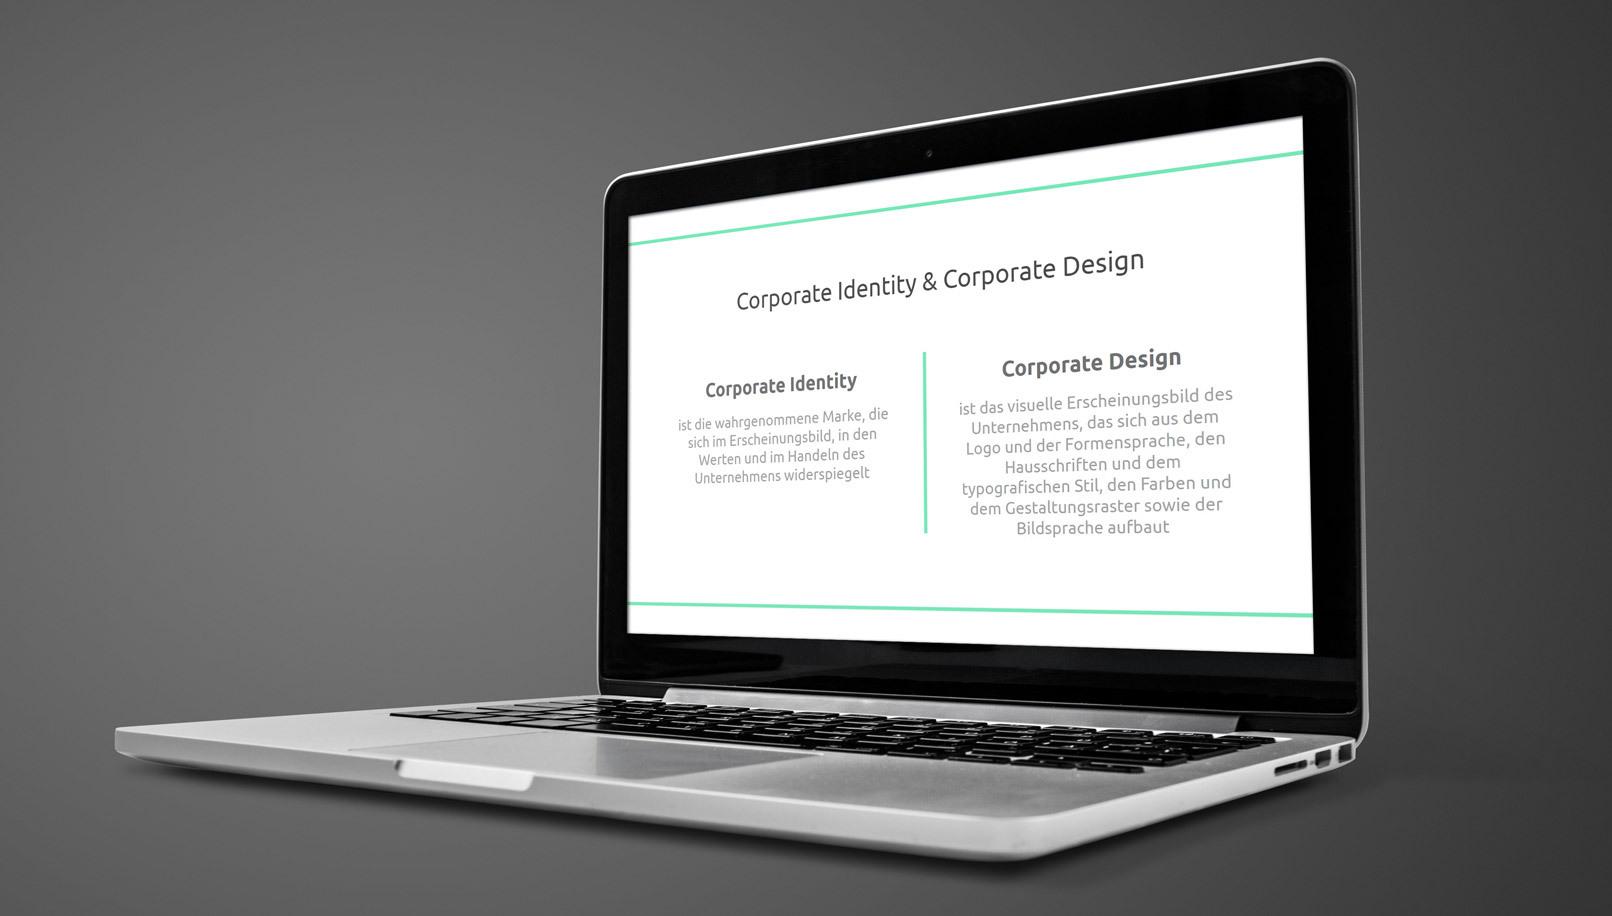 Positionierung von Unternehmen und Markenaufbau: Screenshot aus dem Kurs auf einem Laptop